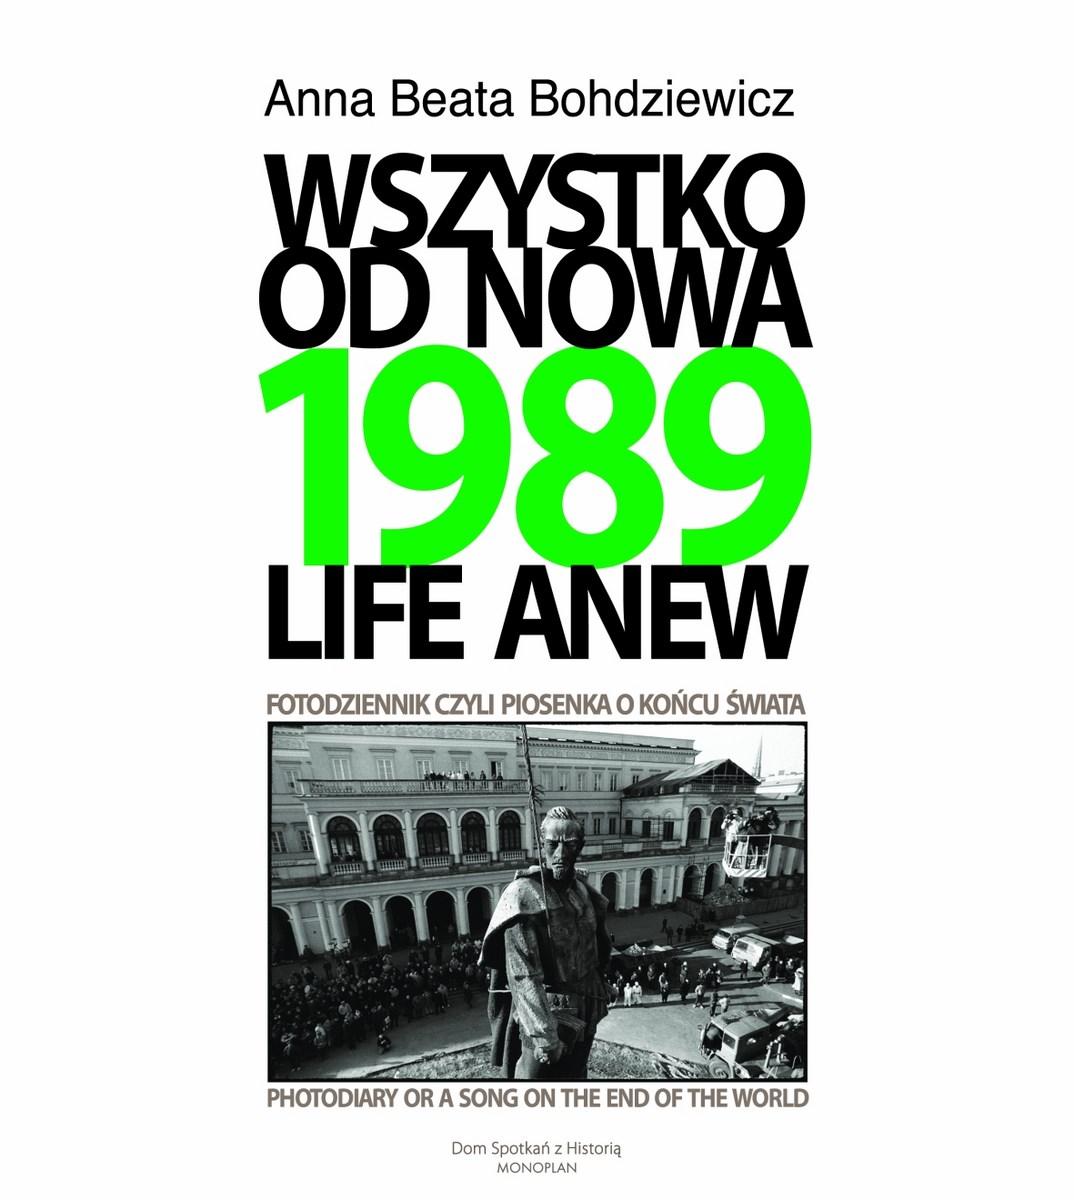 """Anna Beata Bohdziewicz, """"1989. Wszystko od nowa. Fotodziennik, czyli piosenka o końcu świata"""", okładka książki (źródło: materiały prasowe organizatora)"""